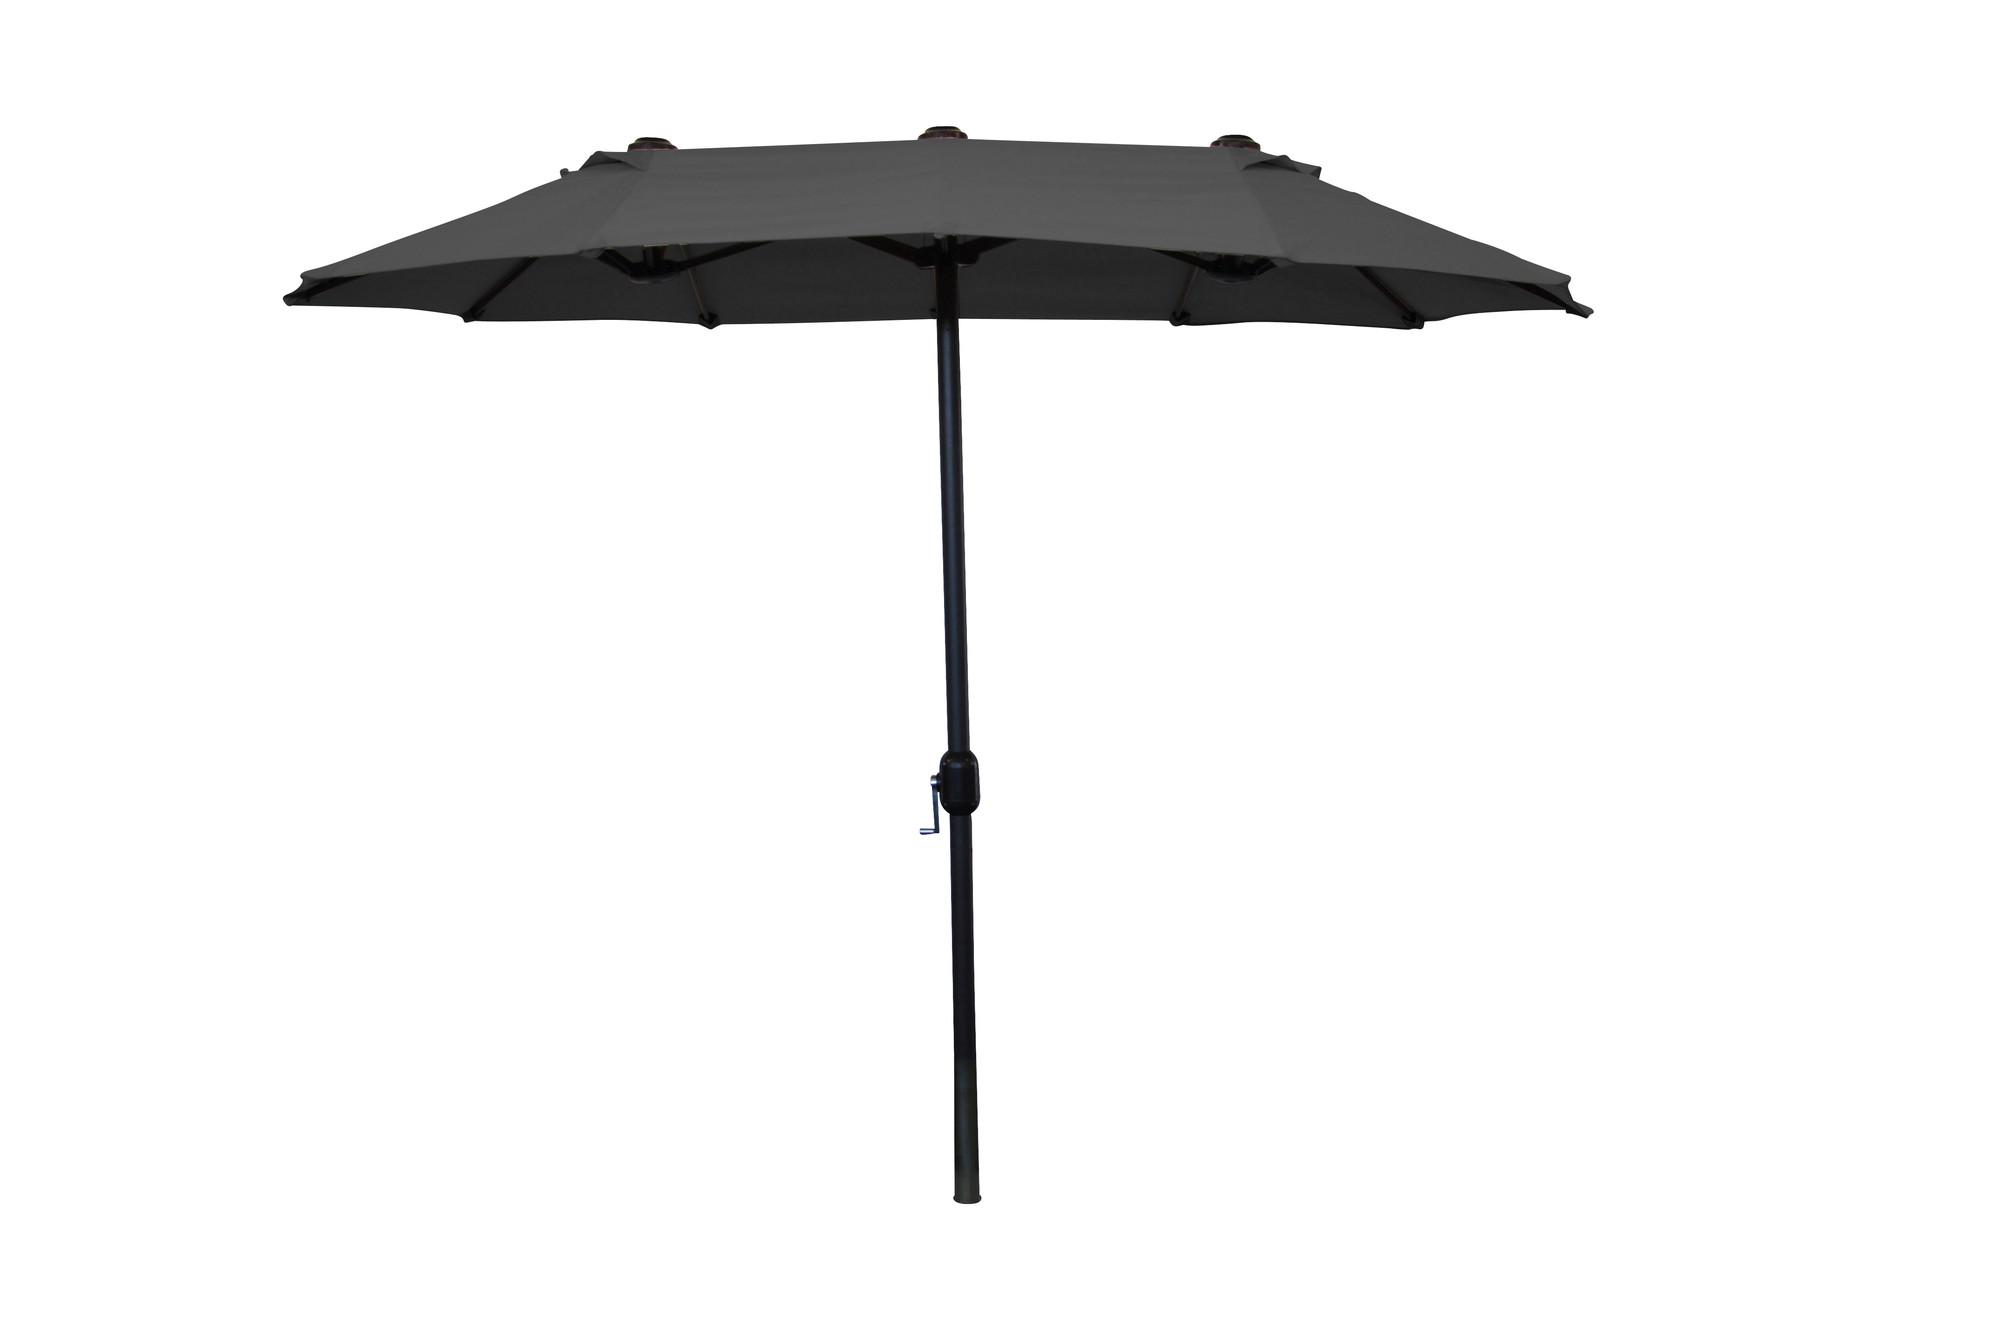 Van Wohi Leco balkon ovale parasol antraciet (270 x 150 cm) (20301 114) Prijsvergelijk nu!